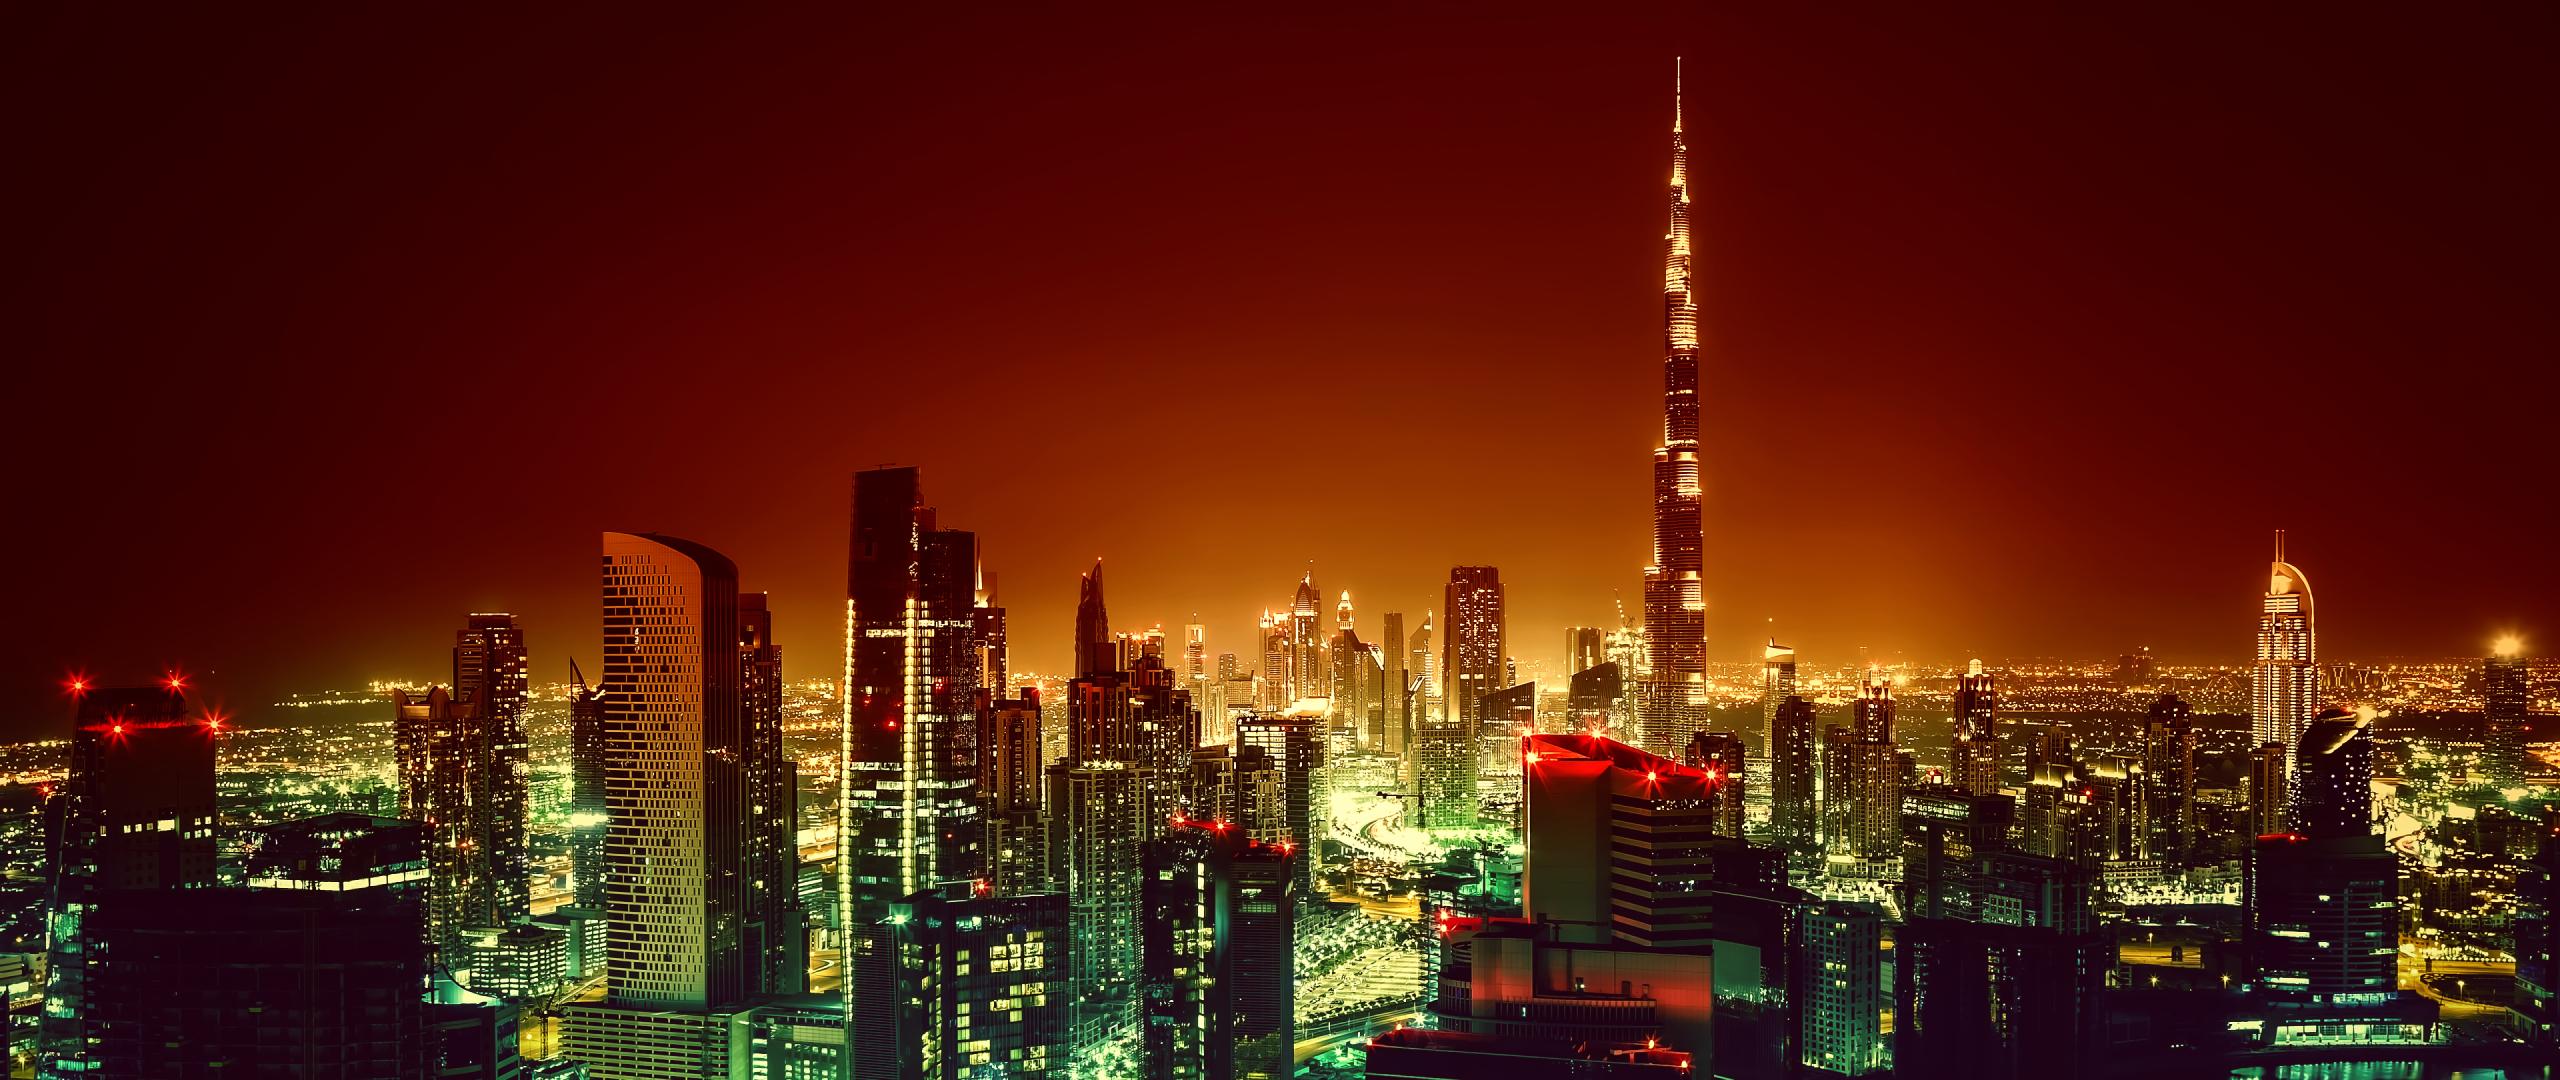 Dubai burj khalifa cityscape in night hd 4k wallpaper - Dubai burj khalifa hd wallpaper ...